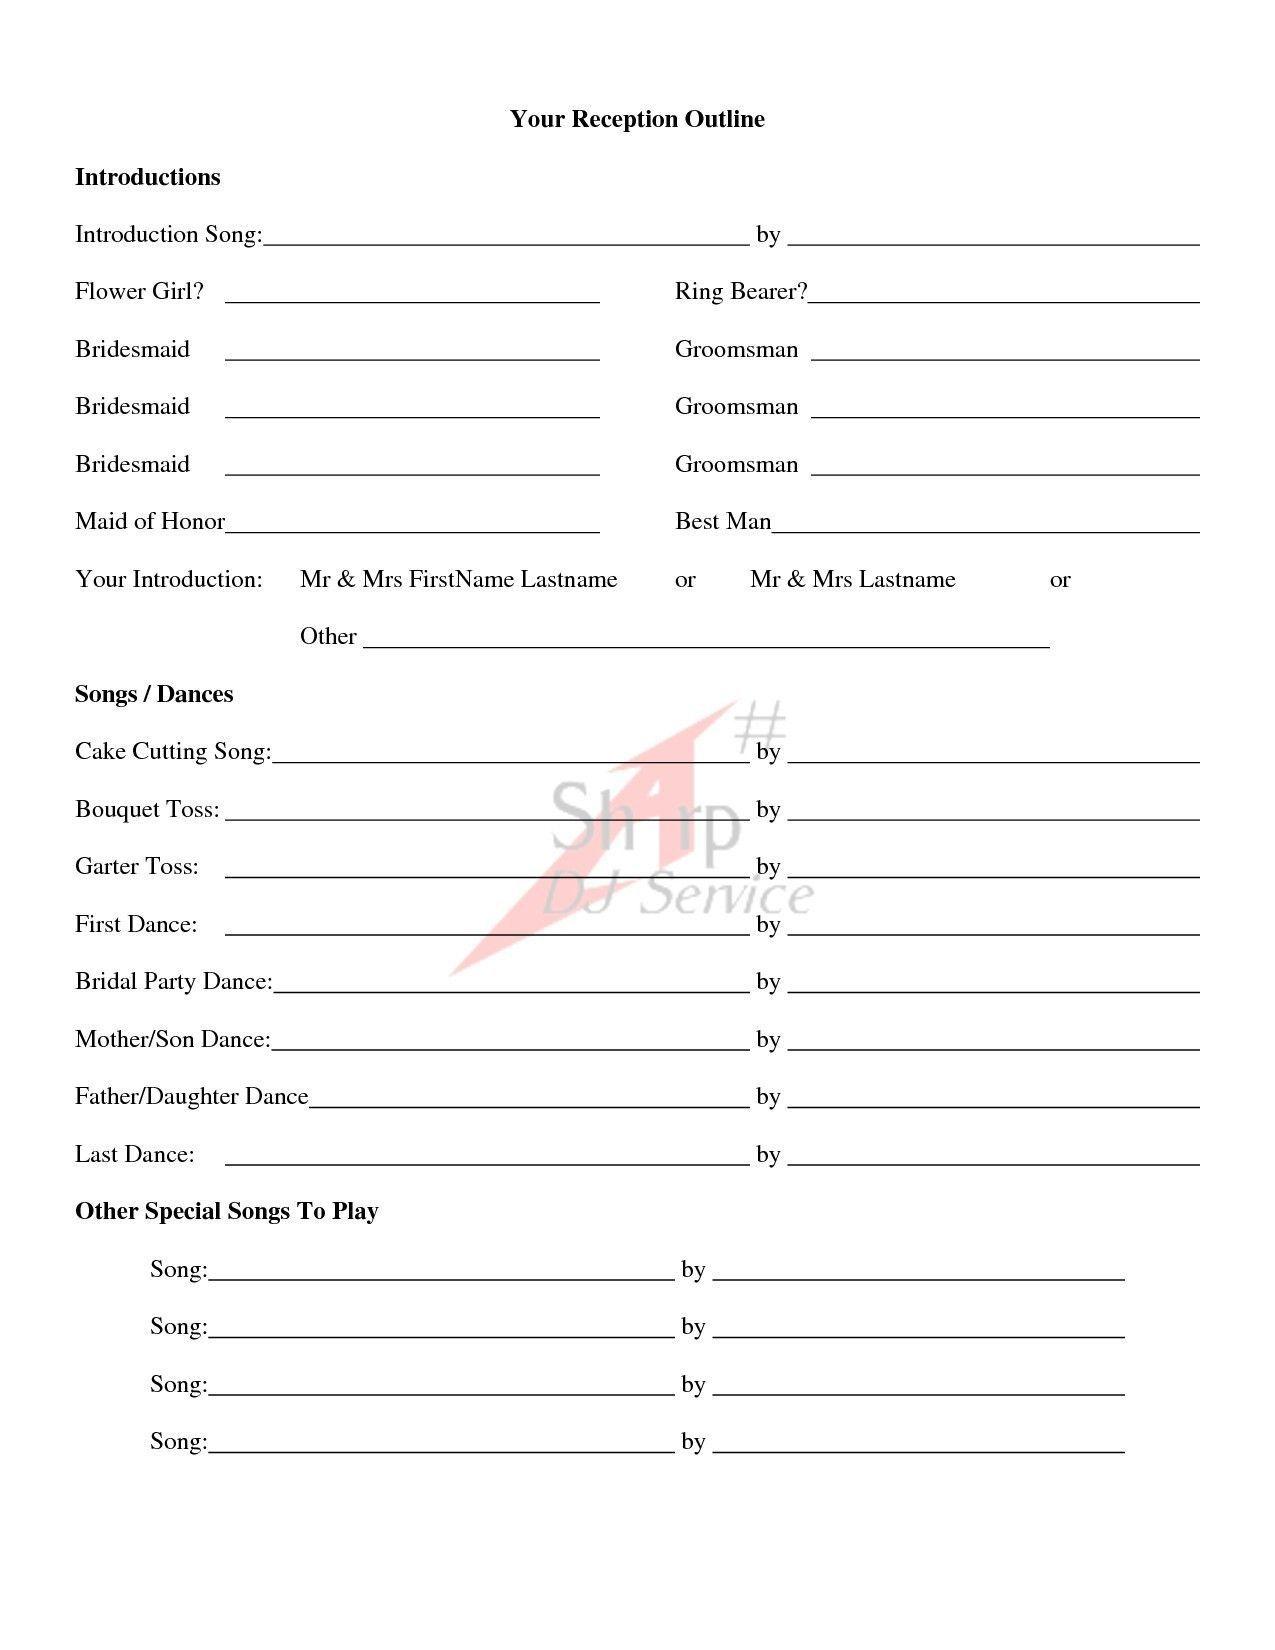 A Wedding Budget Checklist Can Reduce Wedding Stress Wedding